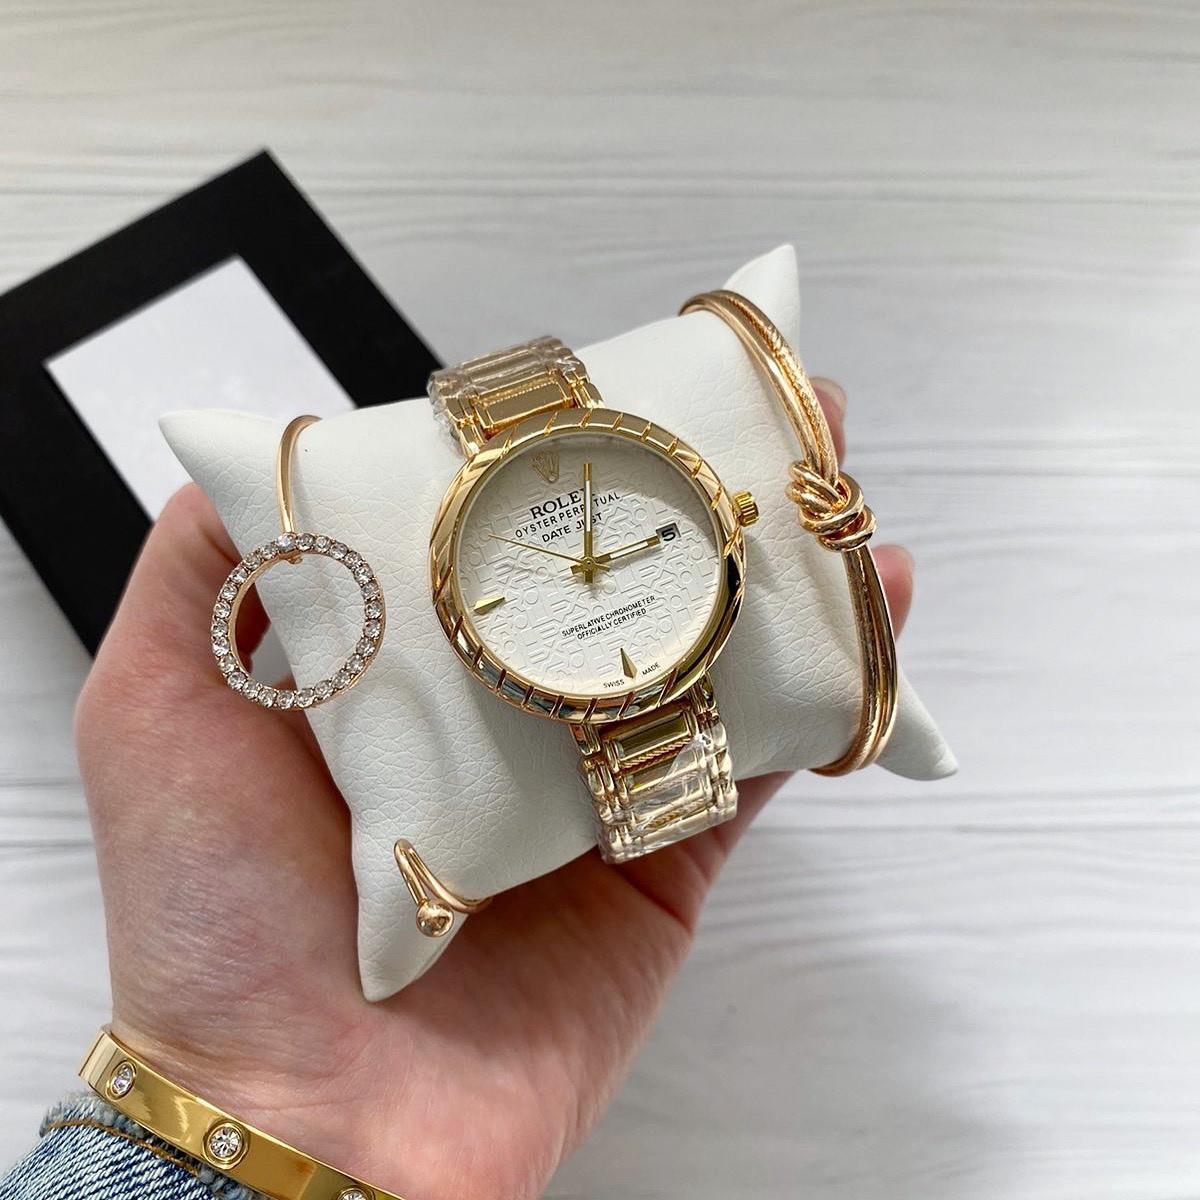 Женские часы Rolex опт дропшиппинг розница Реплика ролекс (Люкс копия)